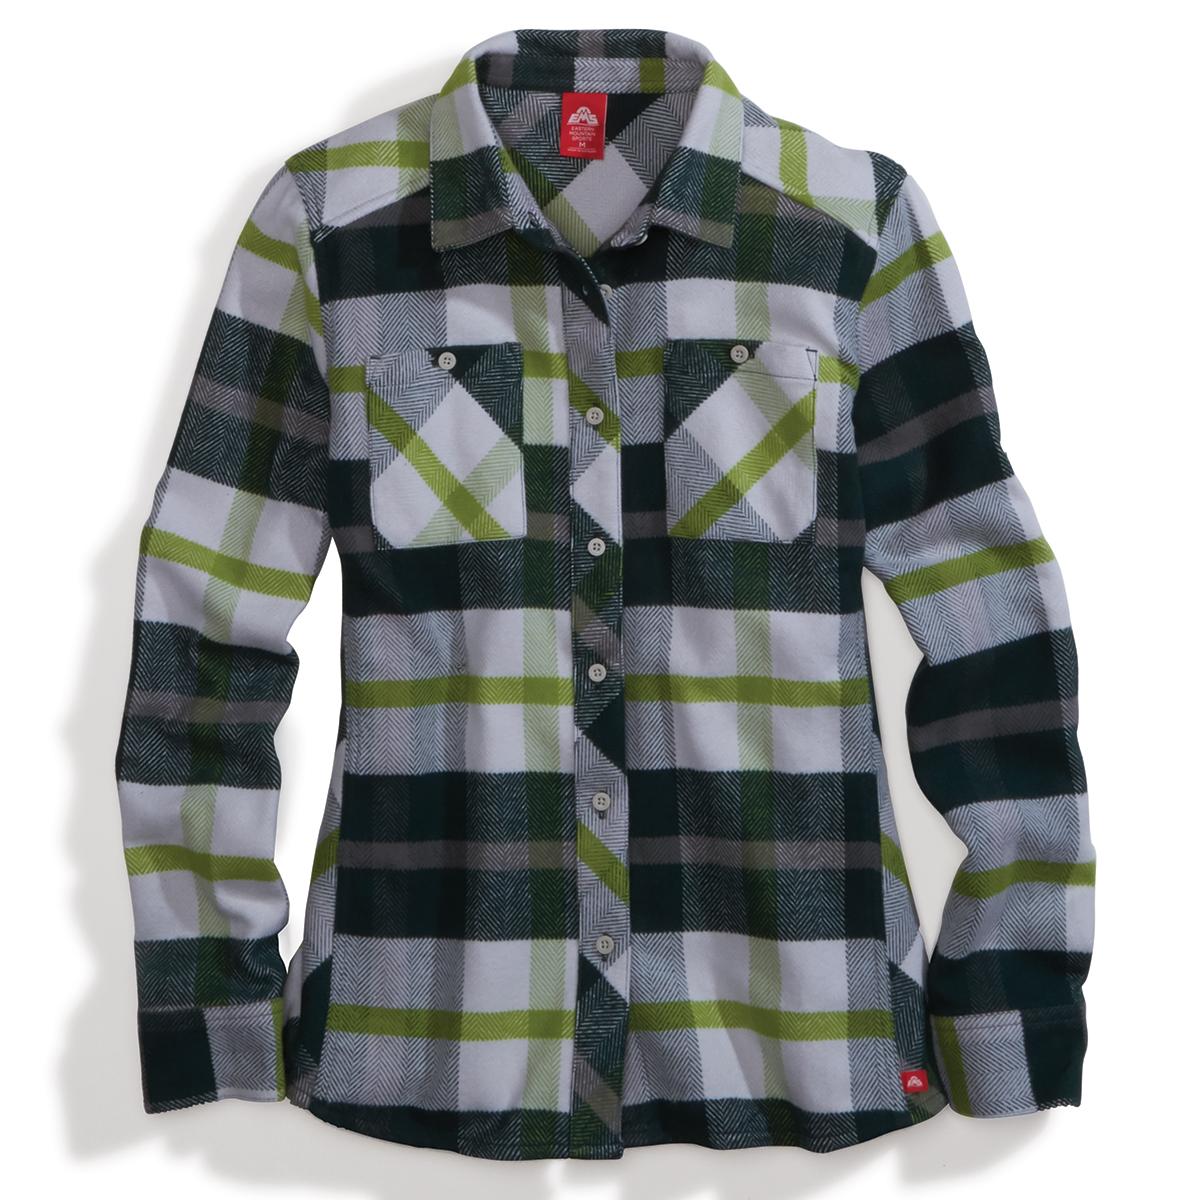 Ems Women's Cabin Flannel - Green, XS